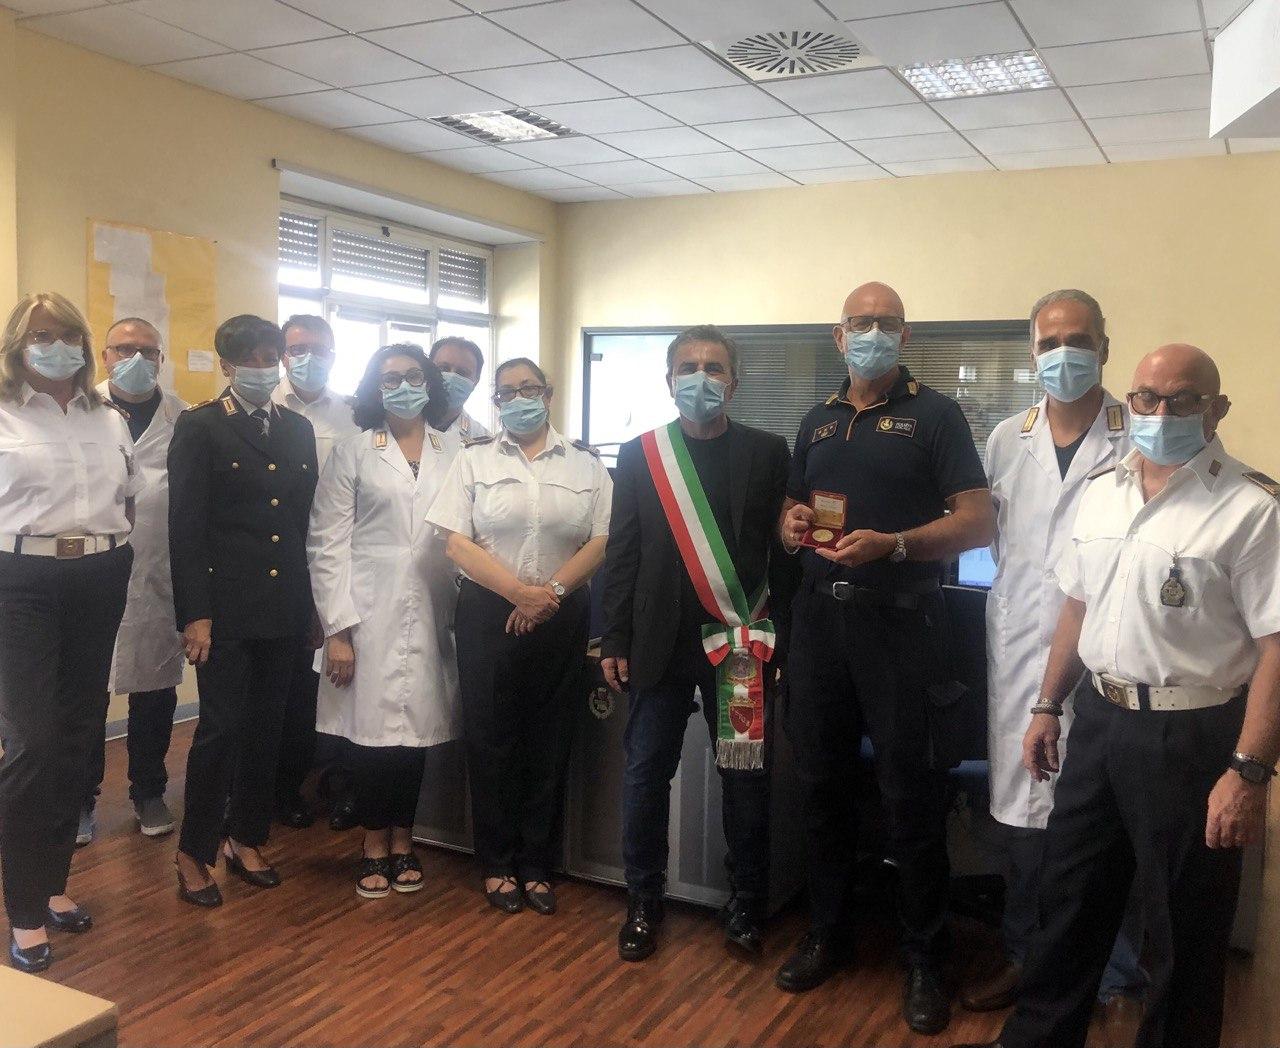 Roma, Vice Sindaco in visita al Comando Generale in occasione della festività del Ferragosto